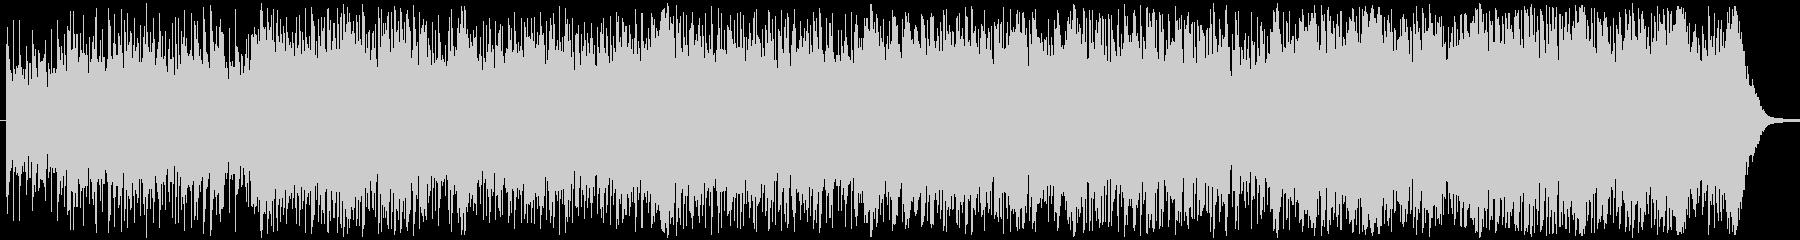 ストリングス、ホーン、ピアノ、前方...の未再生の波形